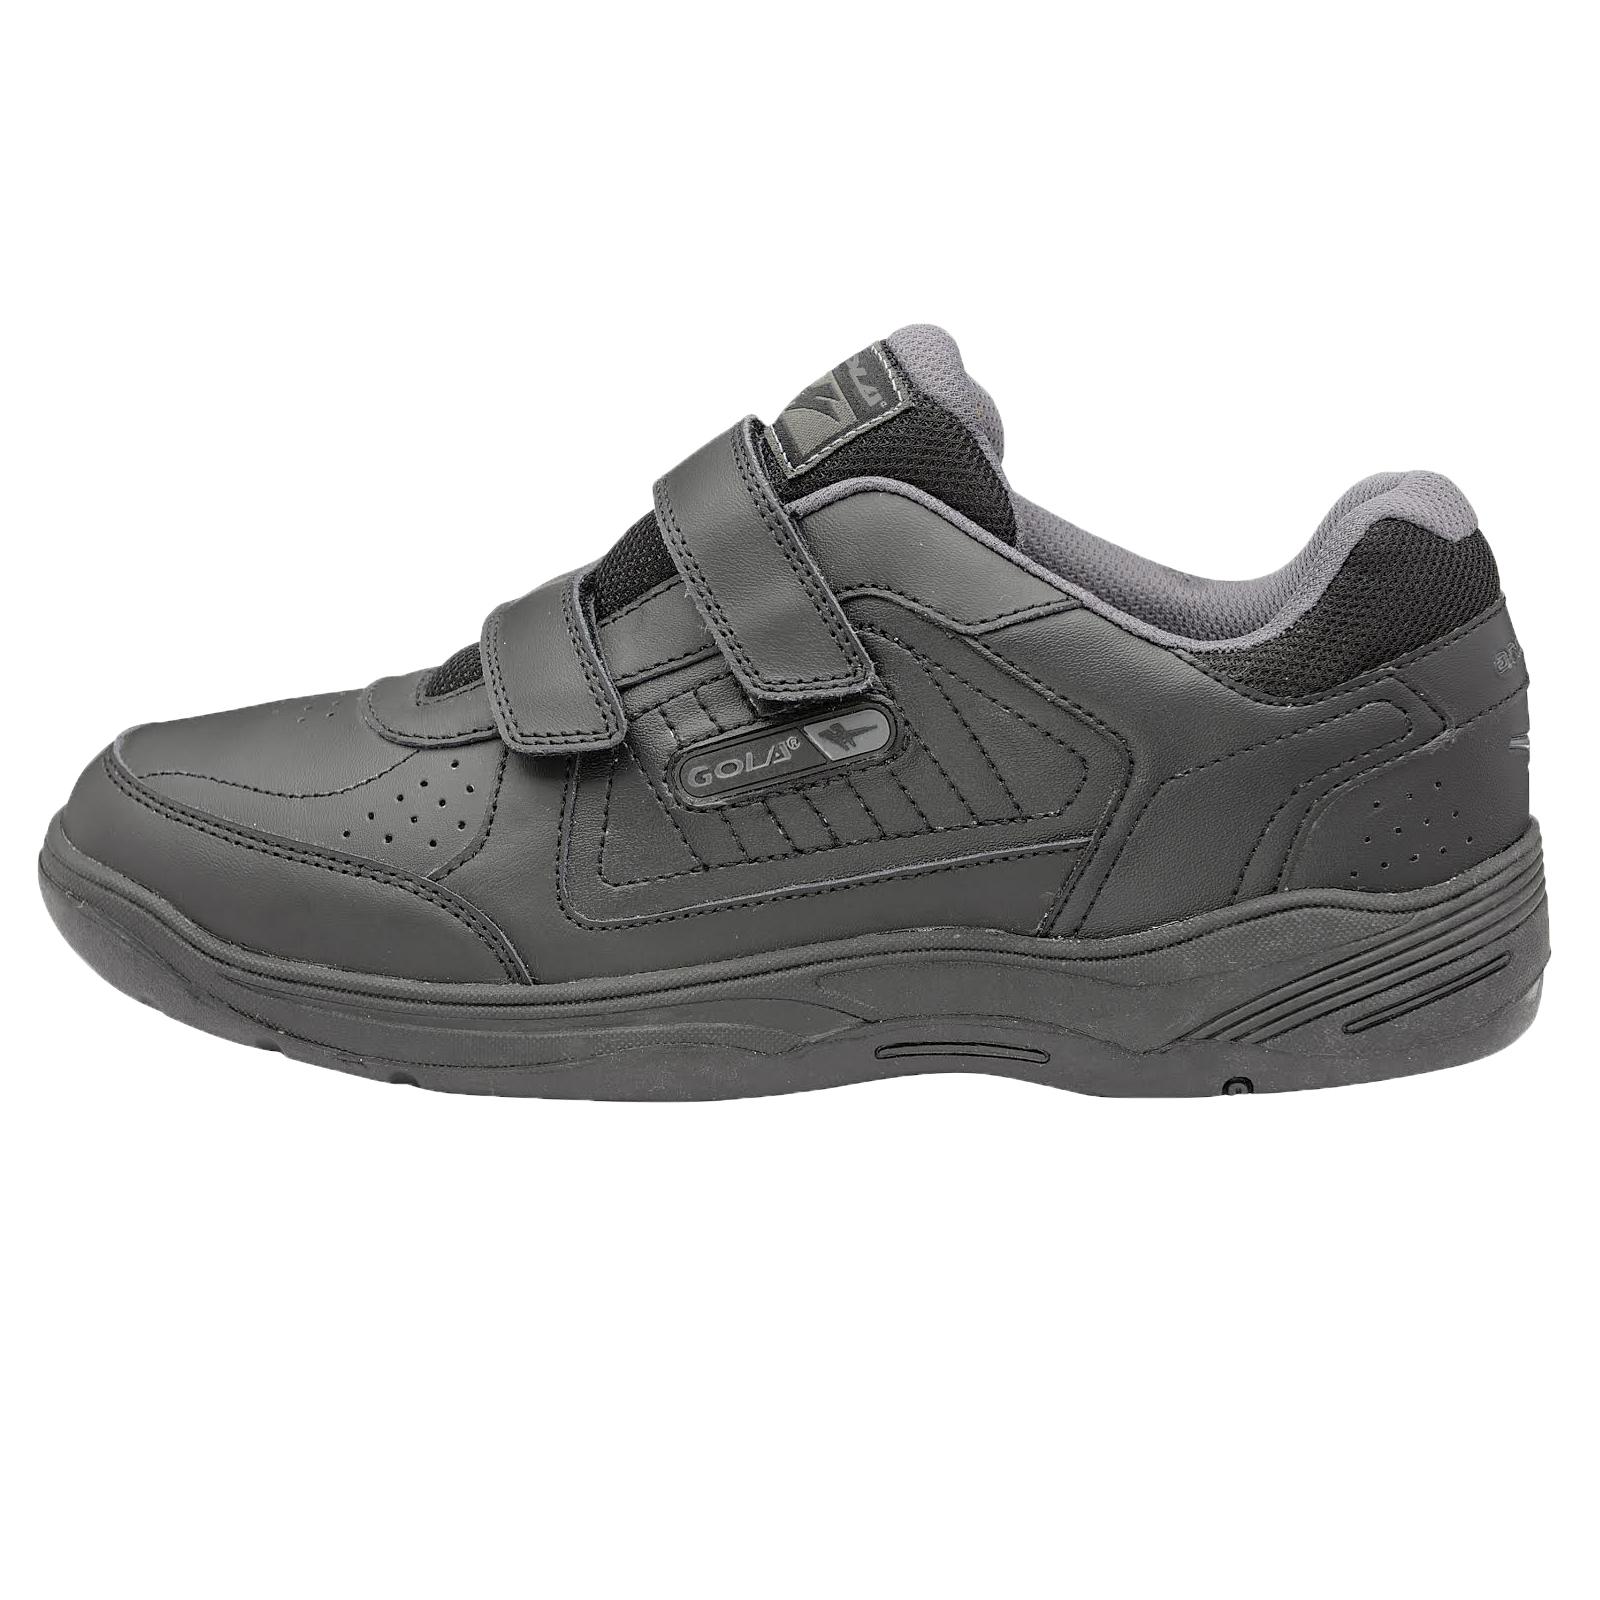 Gola-Belmont-Baskets-Homme-Cuir-Lisse-ou-Daim-Crochet-amp-Boucle-WIDE-FIT-Chaussure